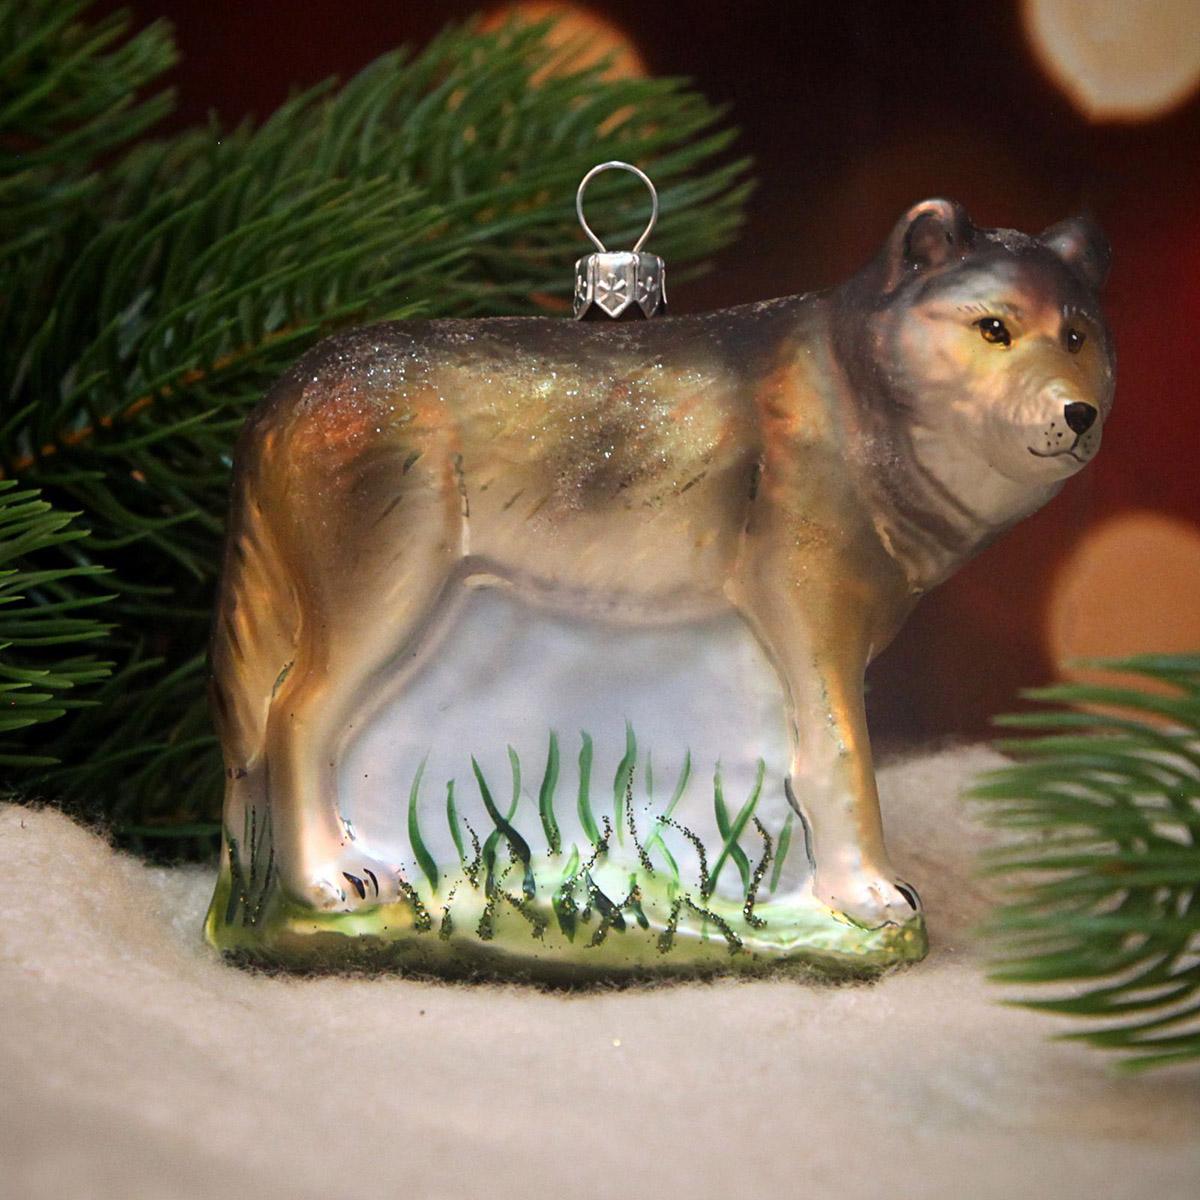 Новогоднее подвесное украшение Hanco Design Волк, высота 8 см106389Новогоднее украшение Hanco Design отлично подойдет для декорации вашего дома и новогодней ели. Елочная игрушка - символ Нового года. Она несет в себе волшебство и красоту праздника. Такое украшение создаст в вашем доме атмосферу праздника, веселья и радости.